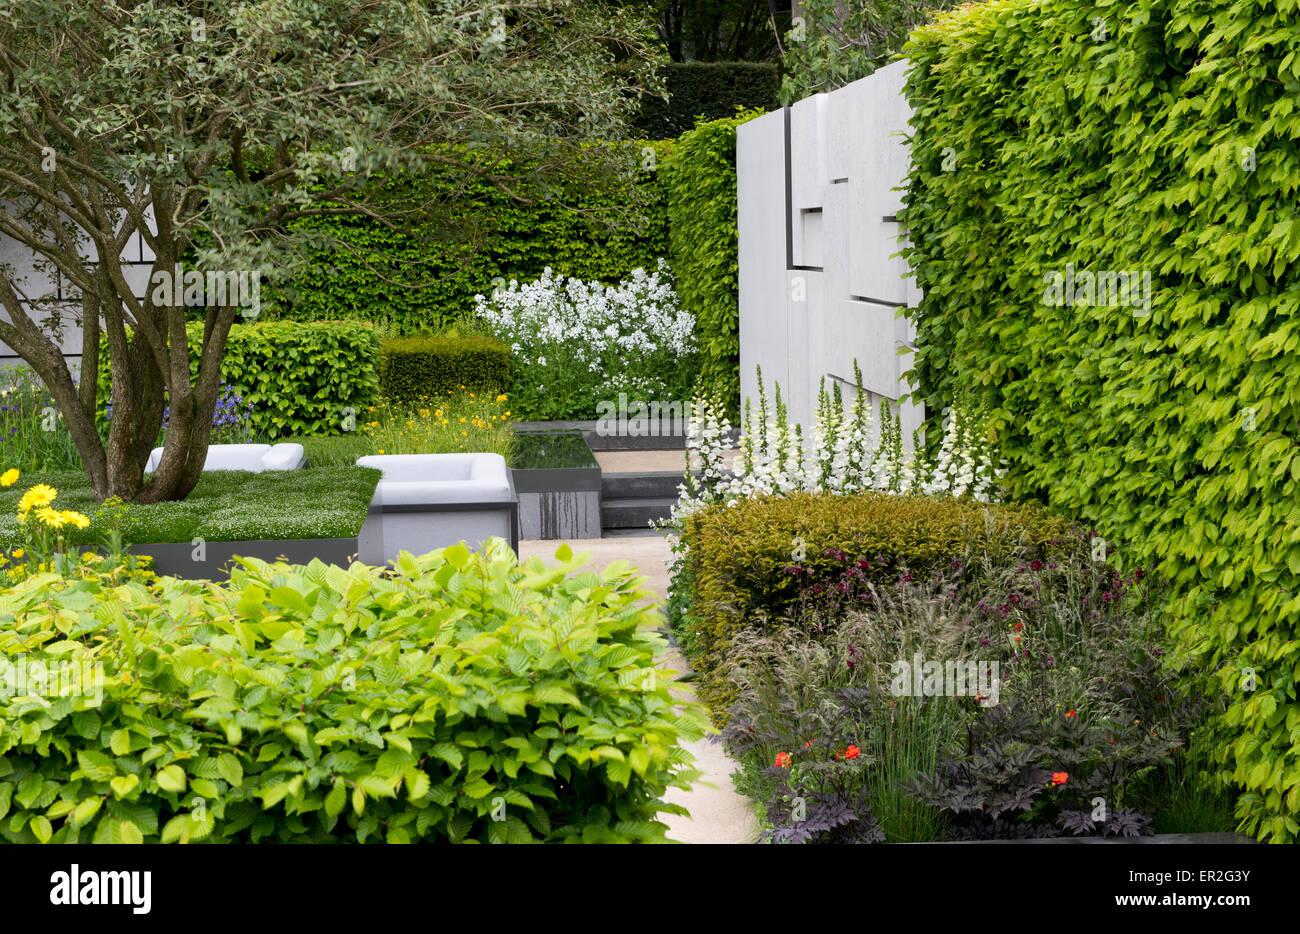 The Telegraph Garden Designed By Marcus Barnett And Winner